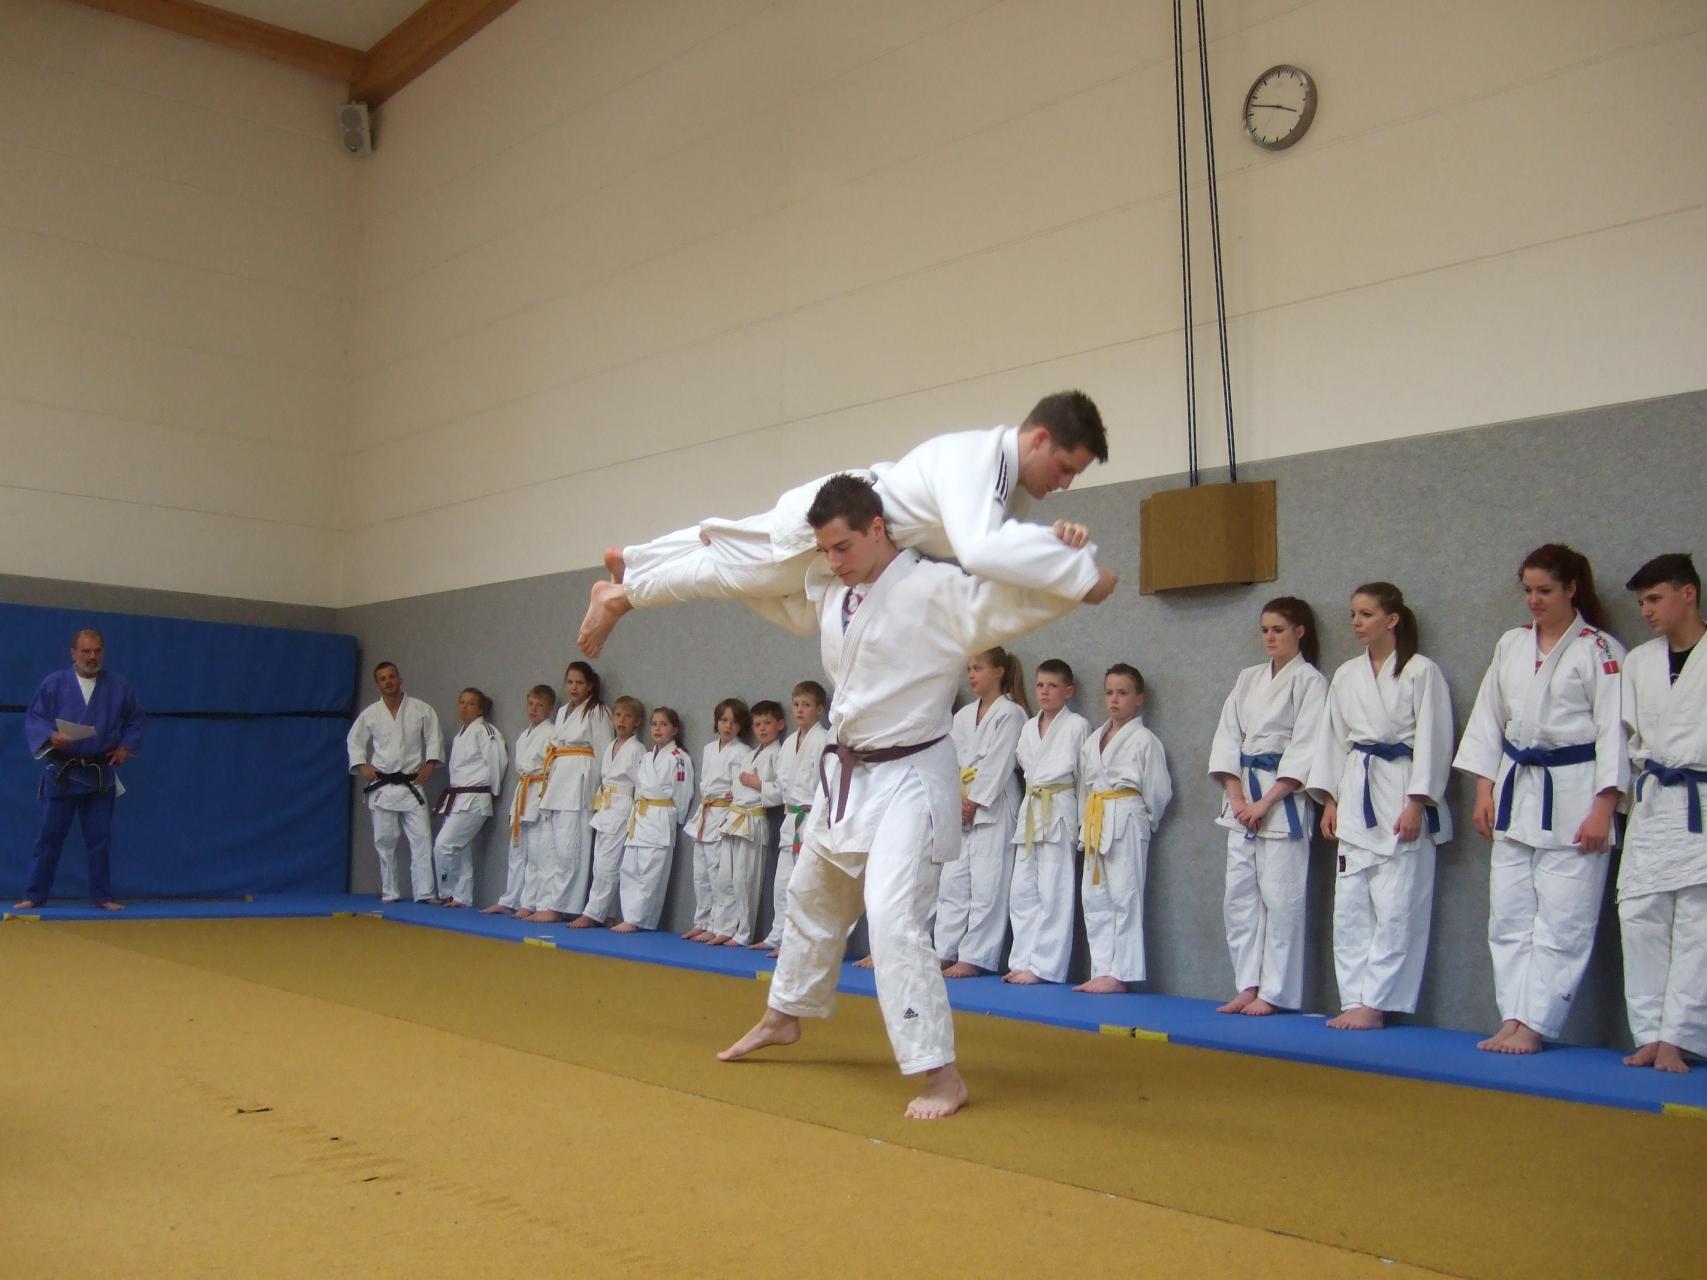 Vorführung - Judowurf